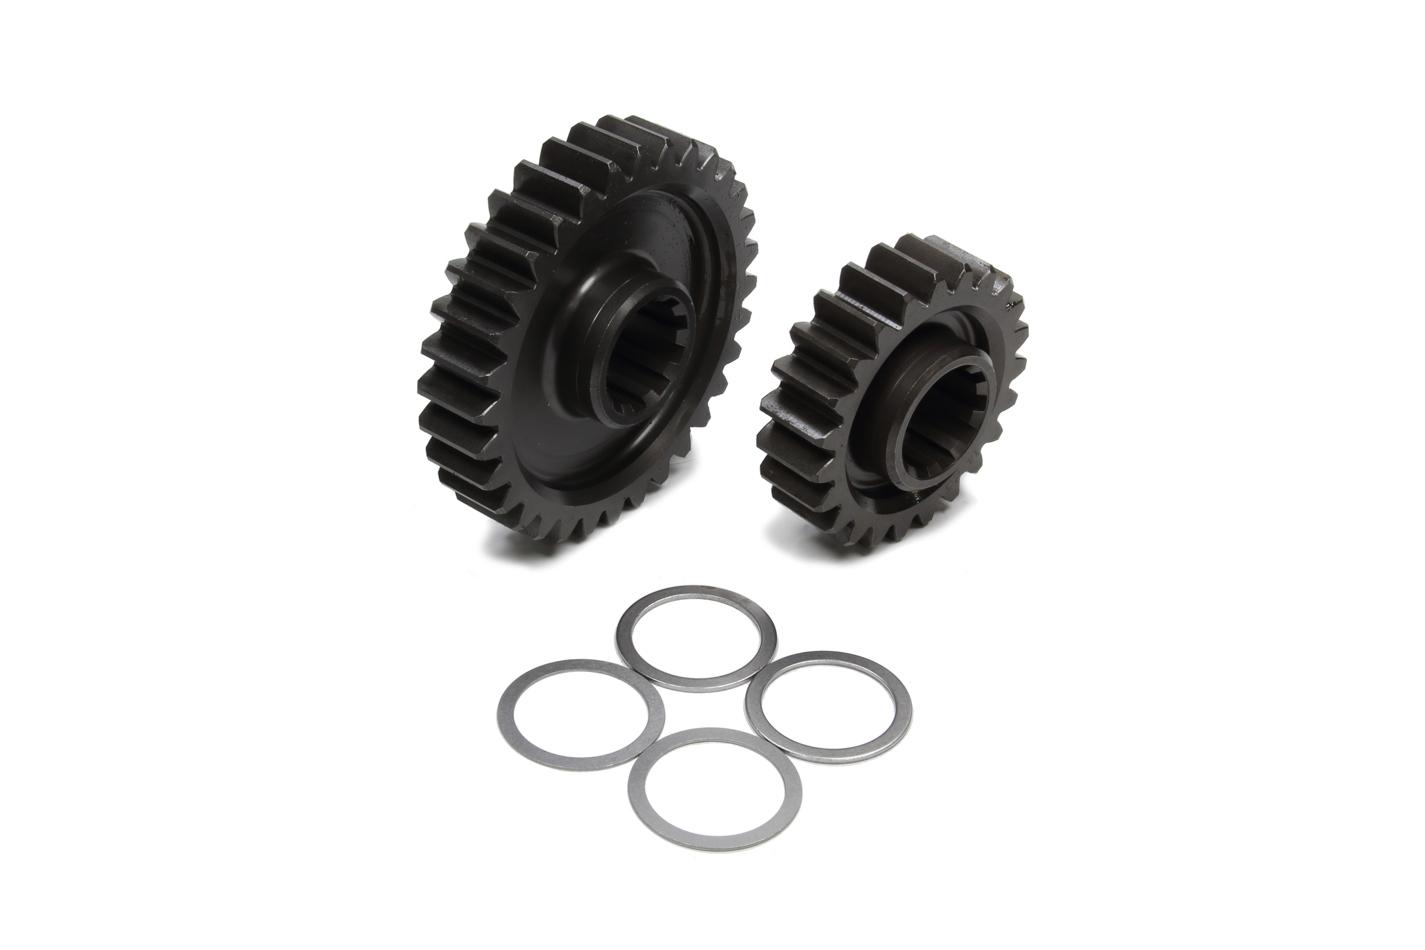 Coleman Machine 207-14 Quick Change Gear Set, Pro-Lite, Set 14, 10 Spline, 4.11 Ratios 5.72 / 2.95, 4.86 Ratios 6.76 / 3.50, Steel, Each